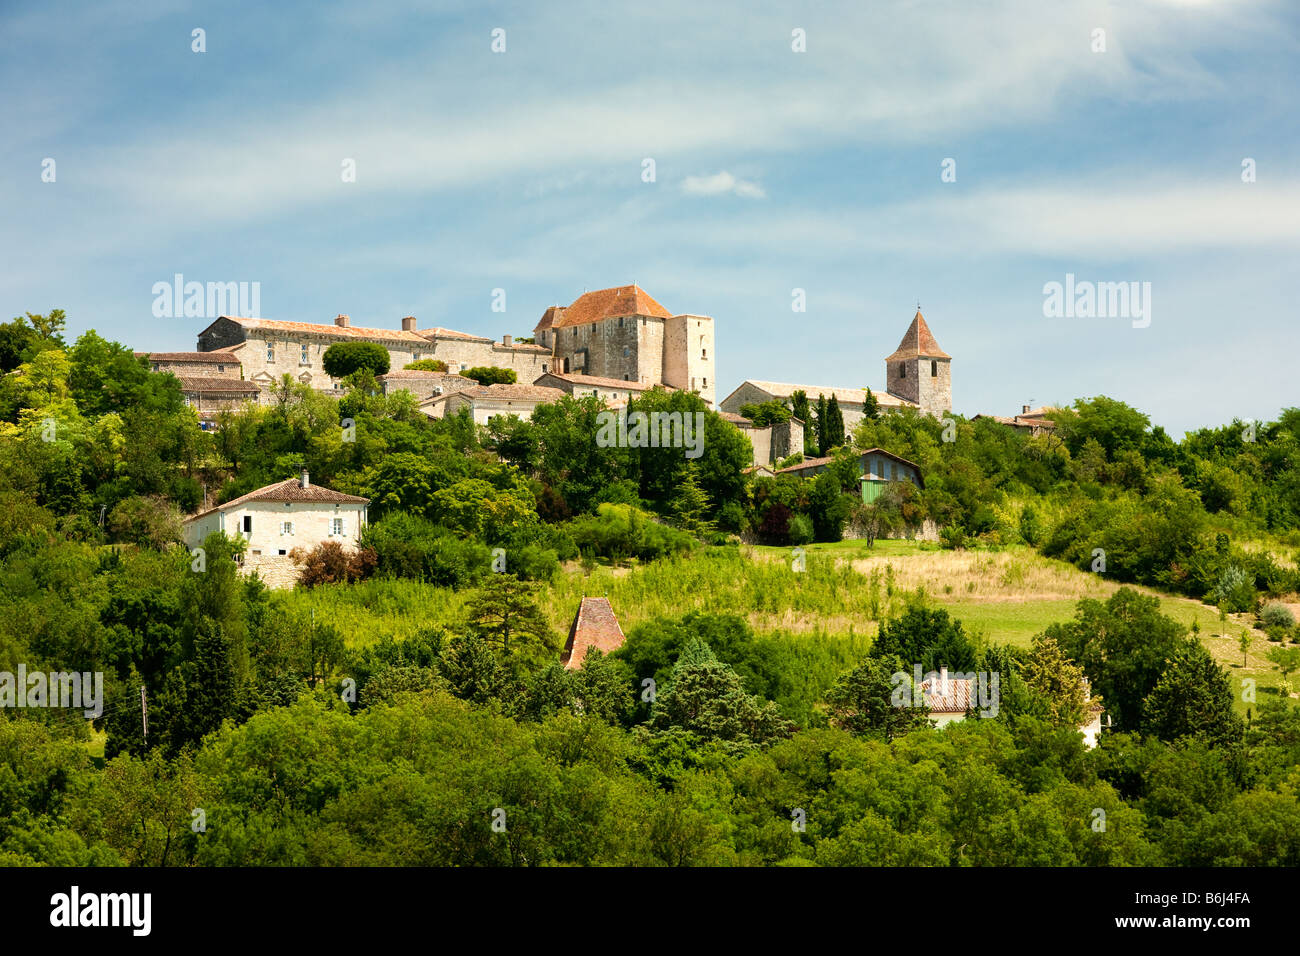 The hilltop town of Gramont in Tarn et Garonne, France, Europe Stock Photo